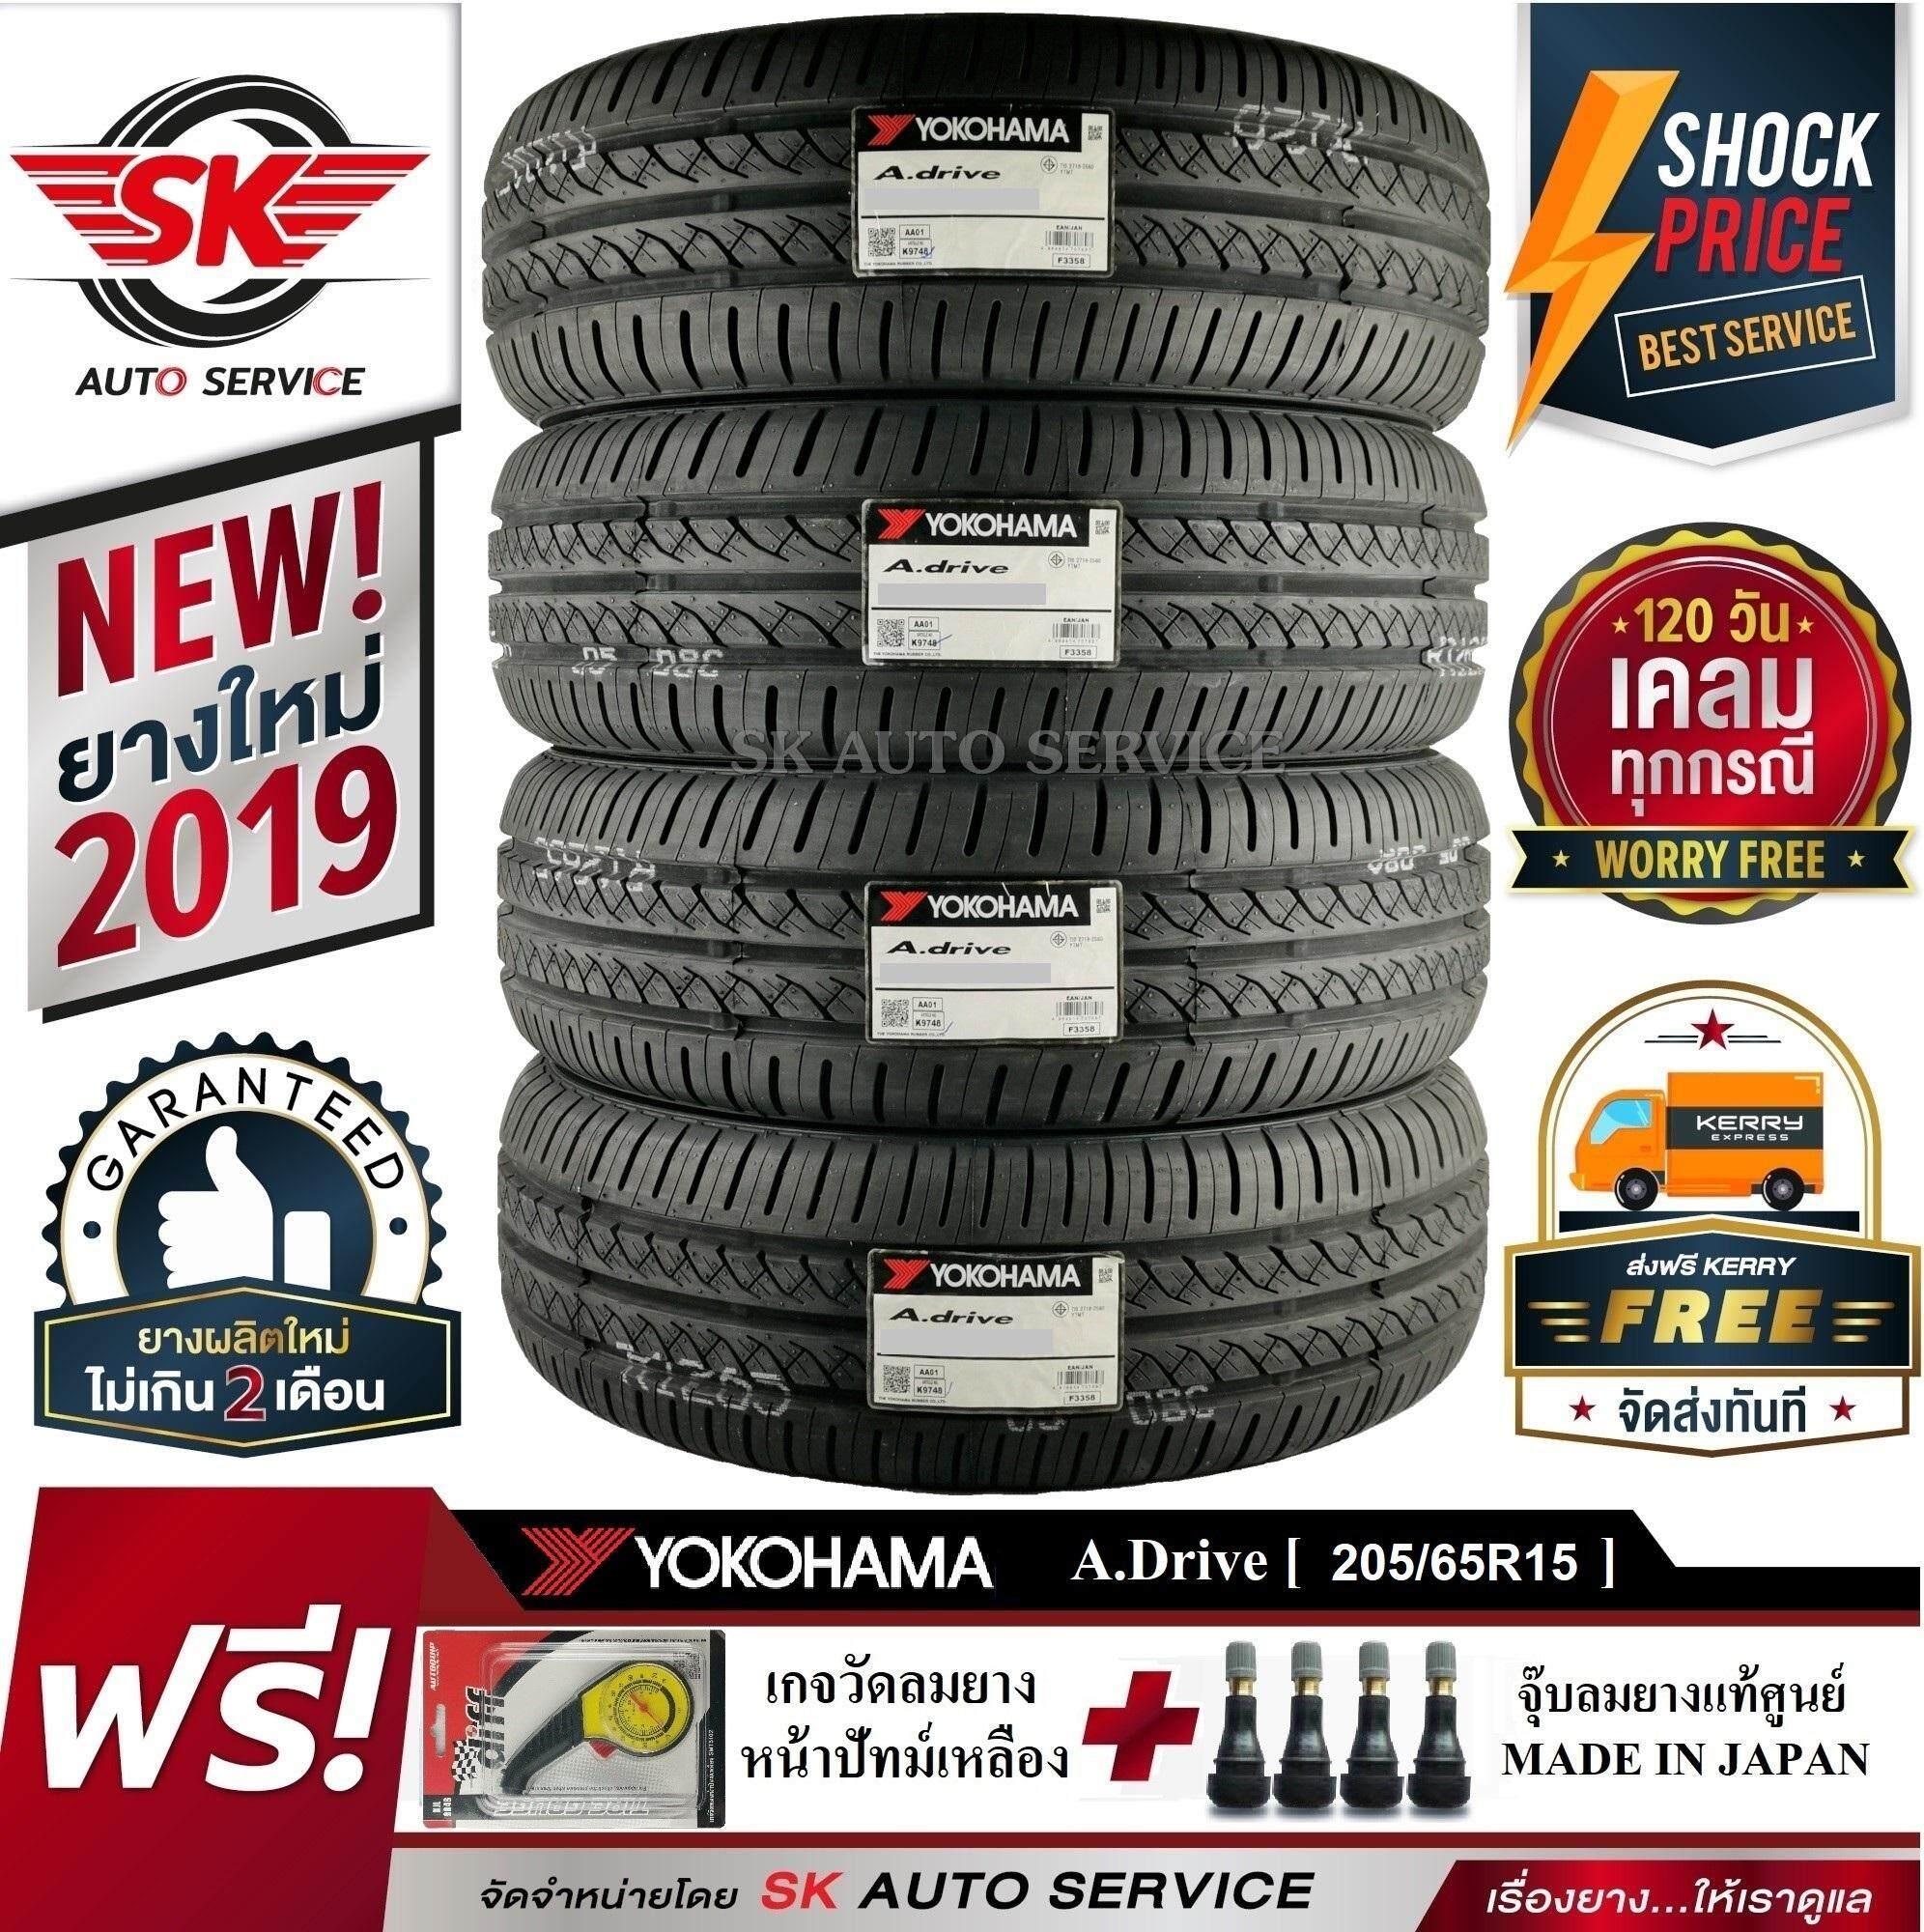 ระยอง YOKOHAMA ยางรถยนต์ 205/65R15 (ล้อขอบ15) รุ่น A.drive AA01 4 เส้น(ยางใหม่กริ๊ปปี 2019)